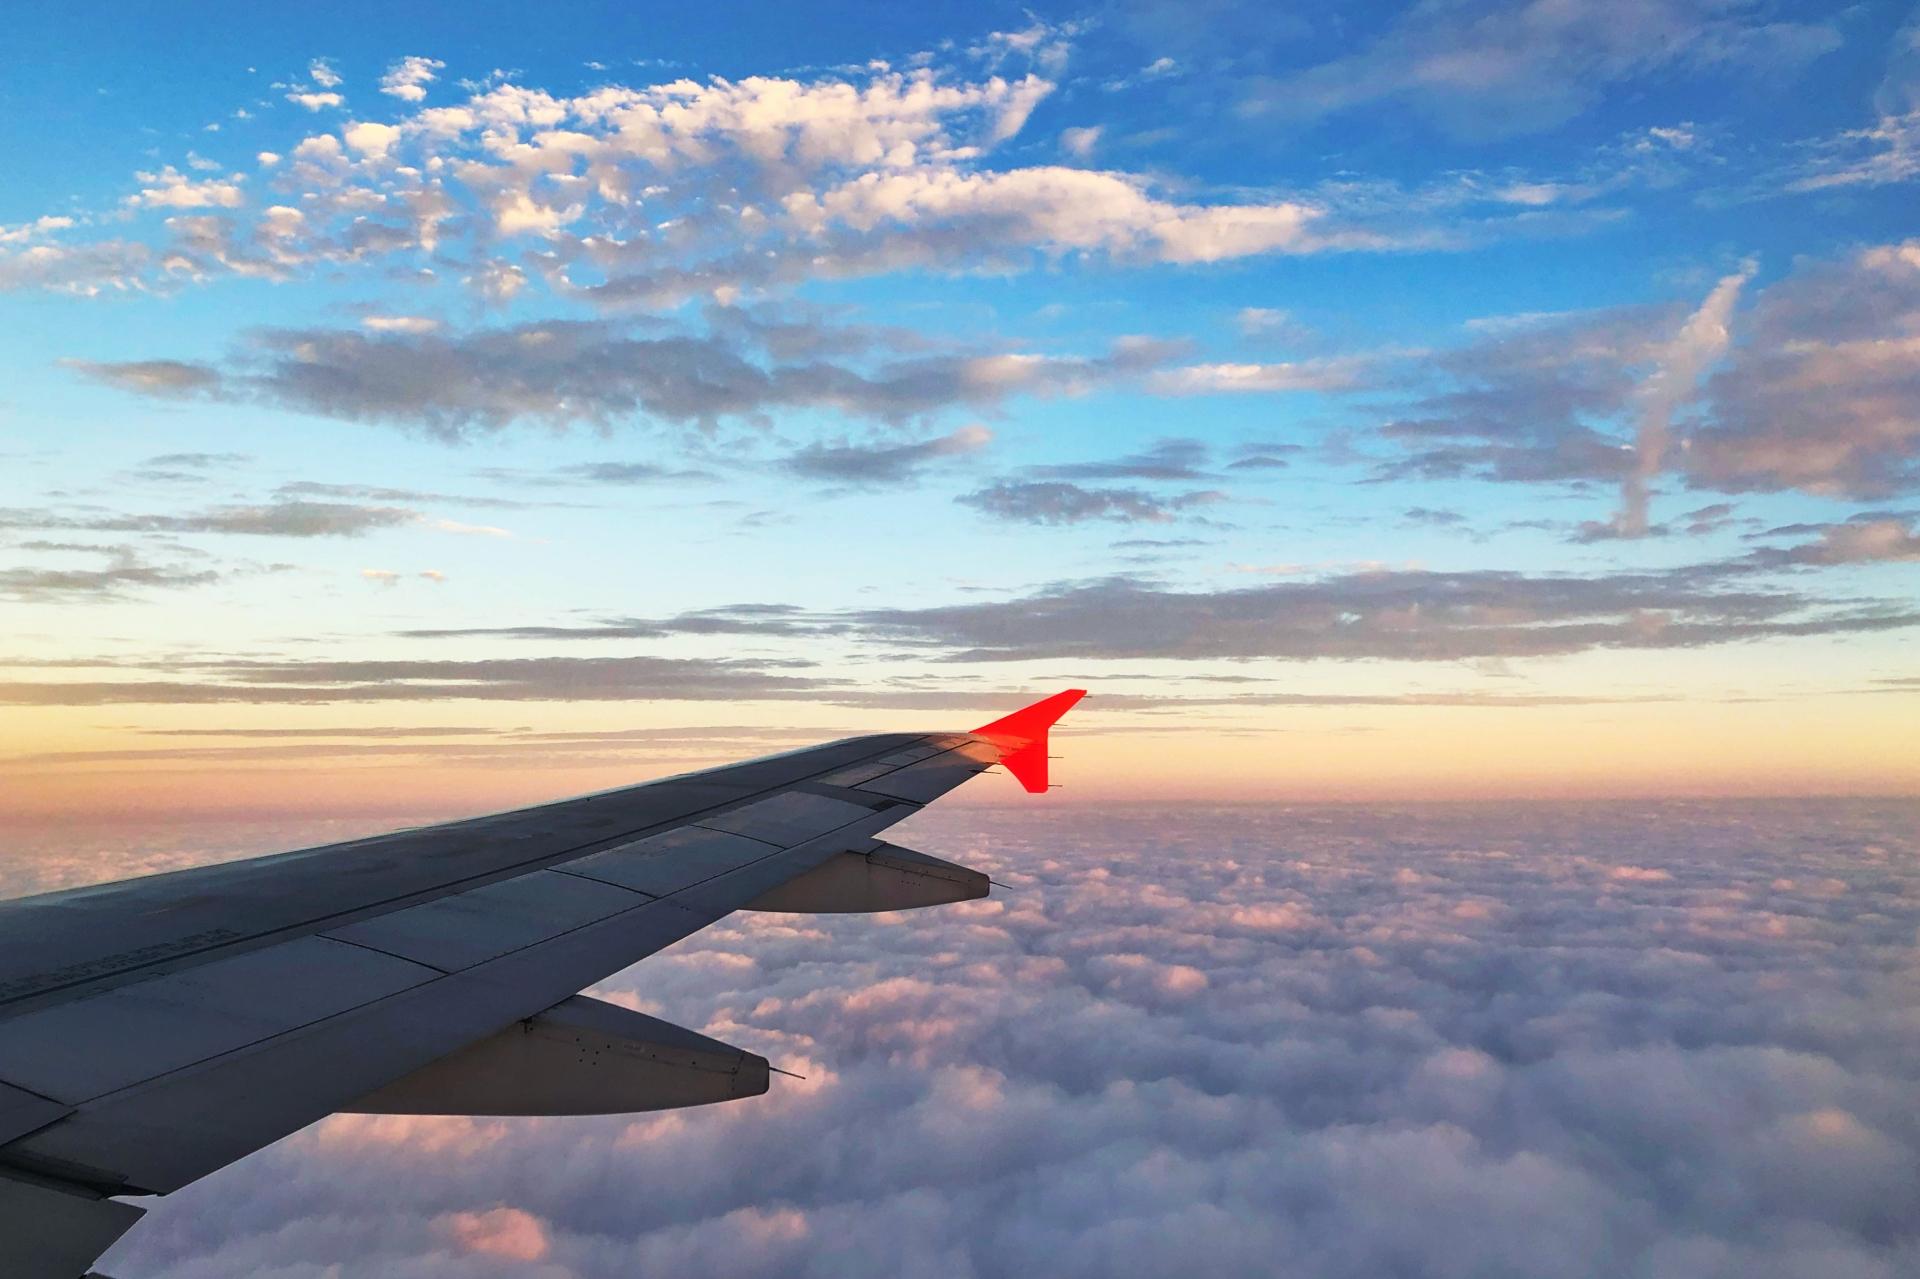 华北空管:双节总体气象条件适宜旅客乘坐飞机出行